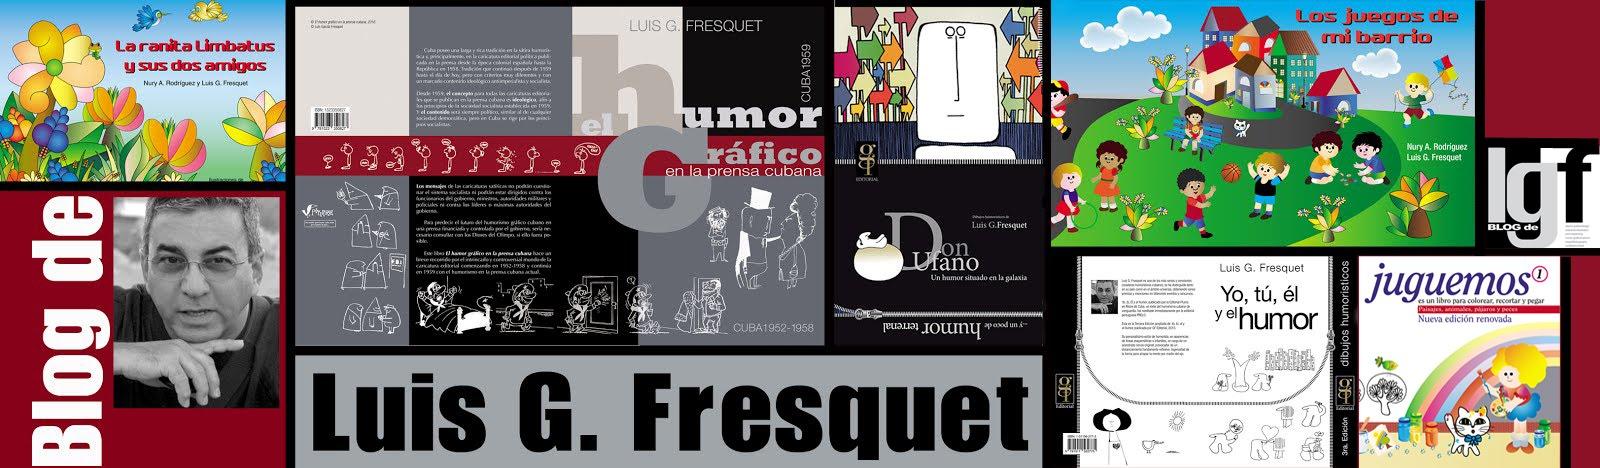 Blog de Luis G. Fresquet